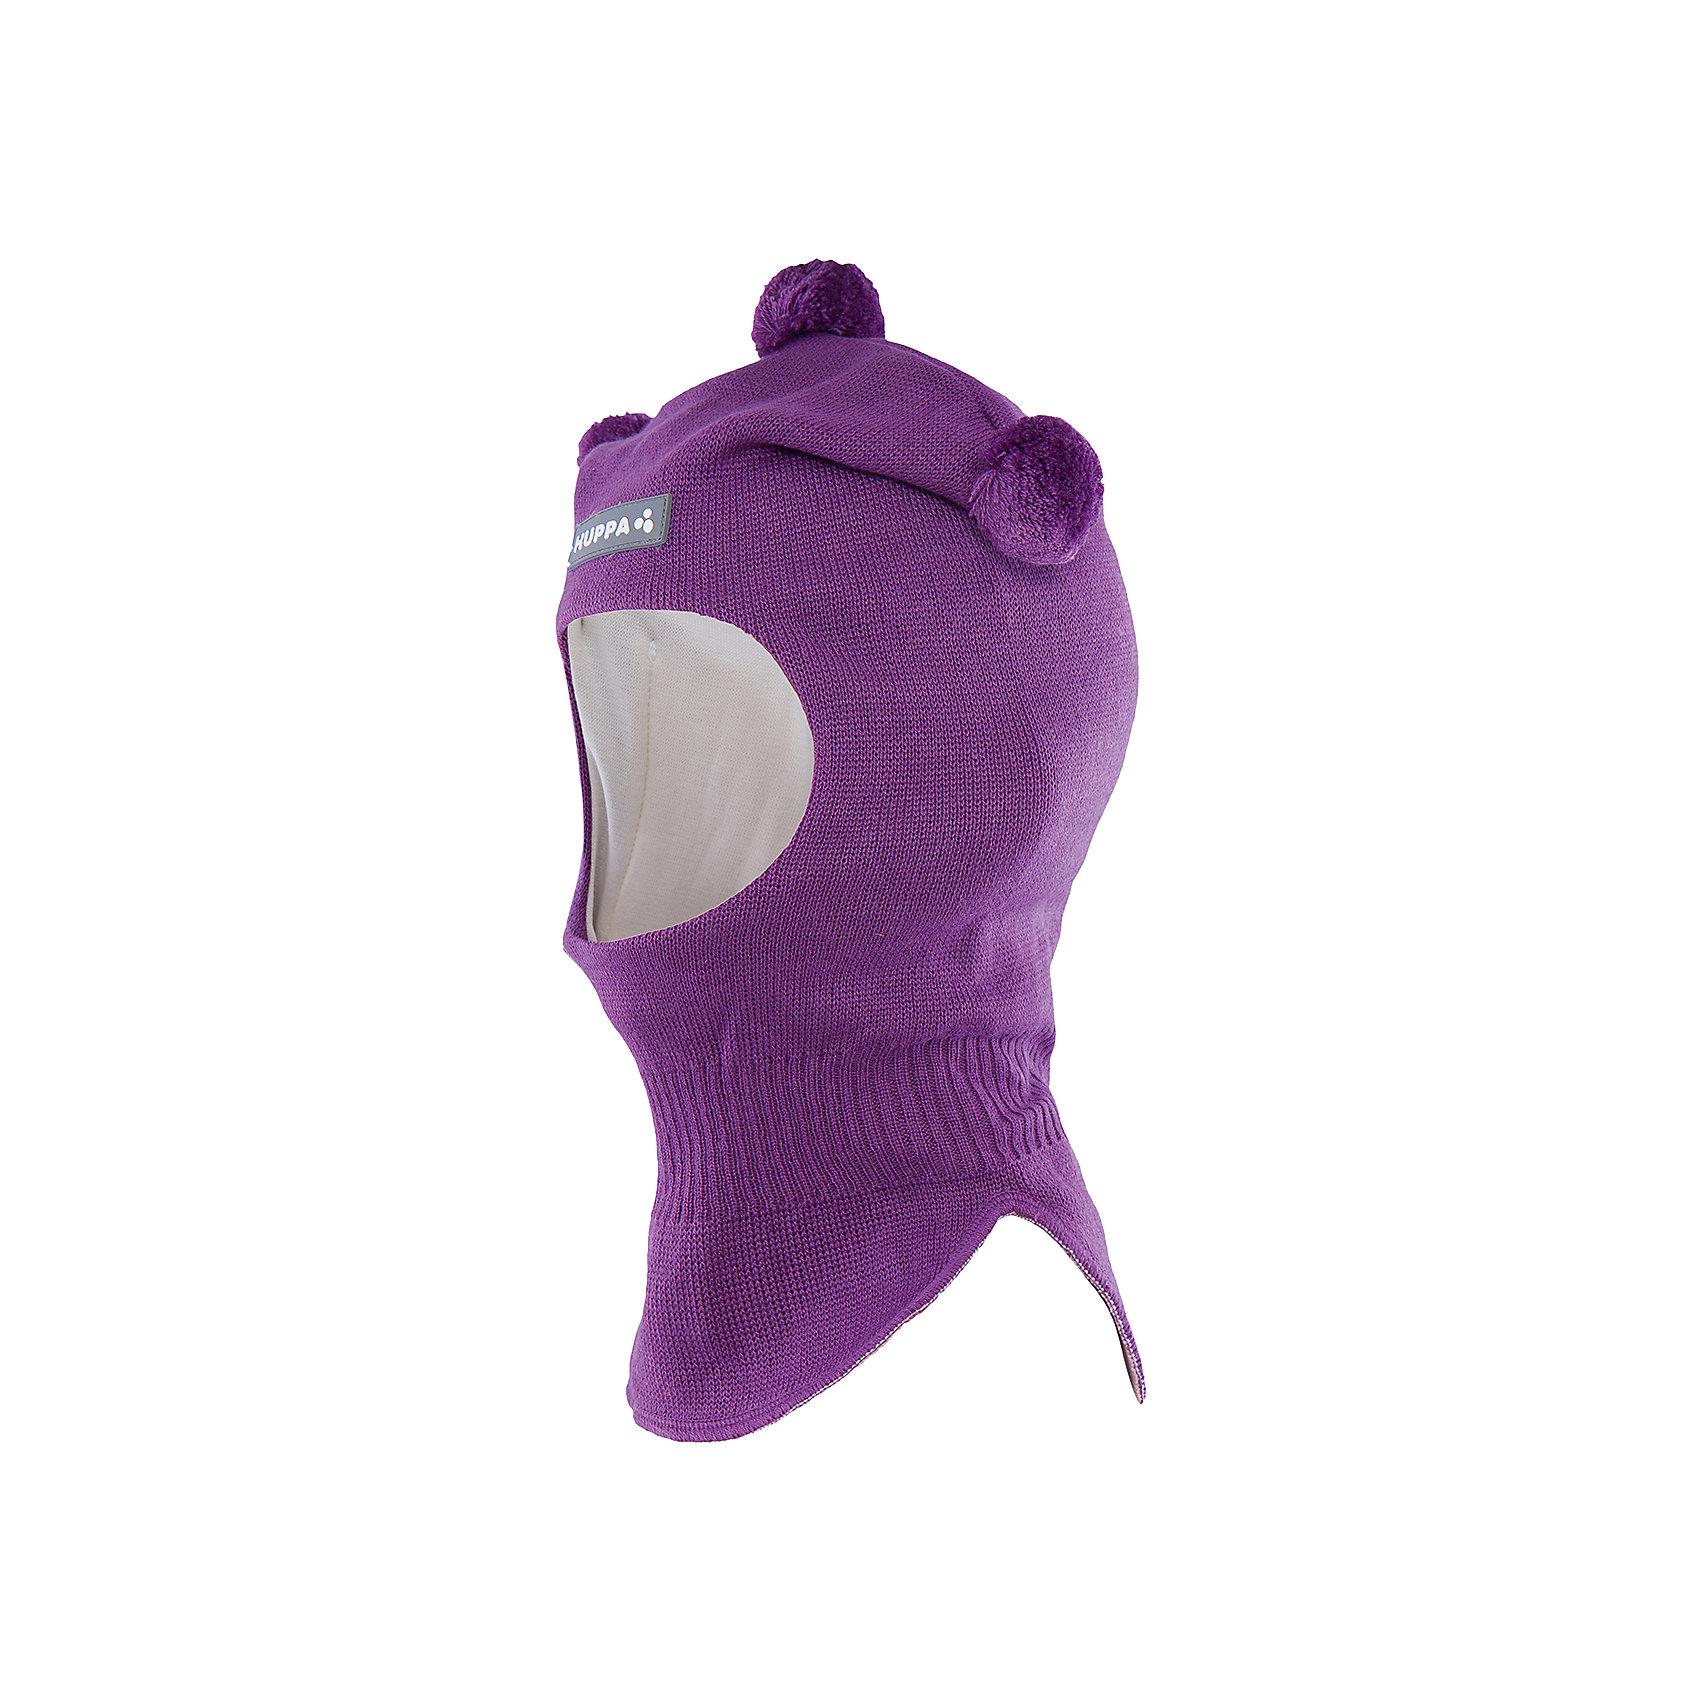 Шапка-шлем   HuppaШапочки<br>Шапка-шлем COCO Huppa(Хуппа) отлично подойдет для холодной зимы. Она идеально защитит голову, шею и уши ребенка от холода и ветра. В области шеи есть удобная широкая резинка для максимальной защиты от мороза. Шапка украшена тремя помпонами. Прекрасный вариант для долгих прогулок.<br><br>Дополнительная информация:<br>Материал: 50% шерсть мериноса, 50% акрил<br>Подкладка: хлопок<br>Цвет: лиловый<br><br>Шапку-шлем  Huppa(Хуппа) можно приобрести в нашем интернет-магазине.<br><br>Ширина мм: 89<br>Глубина мм: 117<br>Высота мм: 44<br>Вес г: 155<br>Цвет: лиловый<br>Возраст от месяцев: 9<br>Возраст до месяцев: 12<br>Пол: Женский<br>Возраст: Детский<br>Размер: 43-45,51-53,47-49<br>SKU: 4923874